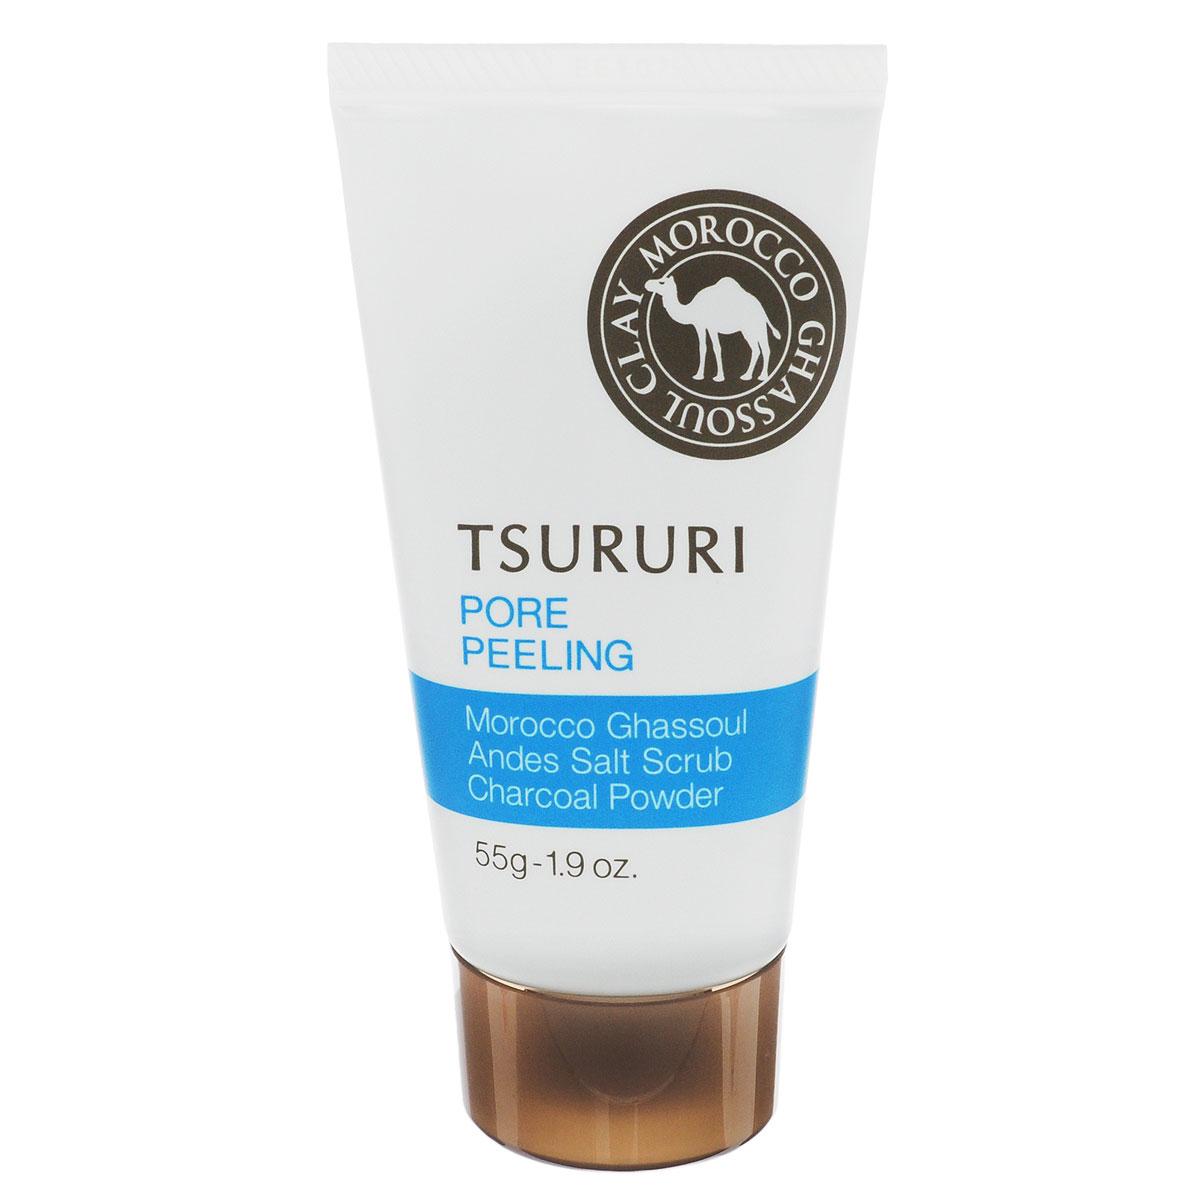 BCL Пилинг для лица Tsururi, очищающий поры, 55 г046455В порах кожи скапливаются загрязнения, продукты выделения сальных желез и остатки косметических средств (пудры, тонального крема). Активные компоненты пилинг-геля, глубоко проникая в поры кожи, абсорбируют и удаляют загрязнения, которые, как известно, часто становятся причиной появления черных точек и расширенных пор.Мельчайшие частицы пилинга скатывают загрязнения, способствуя их быстрому и эффективному удалению из пор. Пилинг глубоко очищает, разглаживает, смягчает кожу, выравнивает ее цвет.Активные компоненты:- Марокканская глина Гассуль - природный очищающий компонент;- гранулы активированного древесного угля обладают абсорбирующими свойствами;- частицы каменной соли отшелушивают ороговевшие участки кожи;- экстракт артишока сужает поры;- гиалуроновая кислота увлажняет;- экстракт перечной мяты и ментол – охлаждающие компоненты. Обладает освежающим ароматом грейпфрута.Товар сертифицирован.